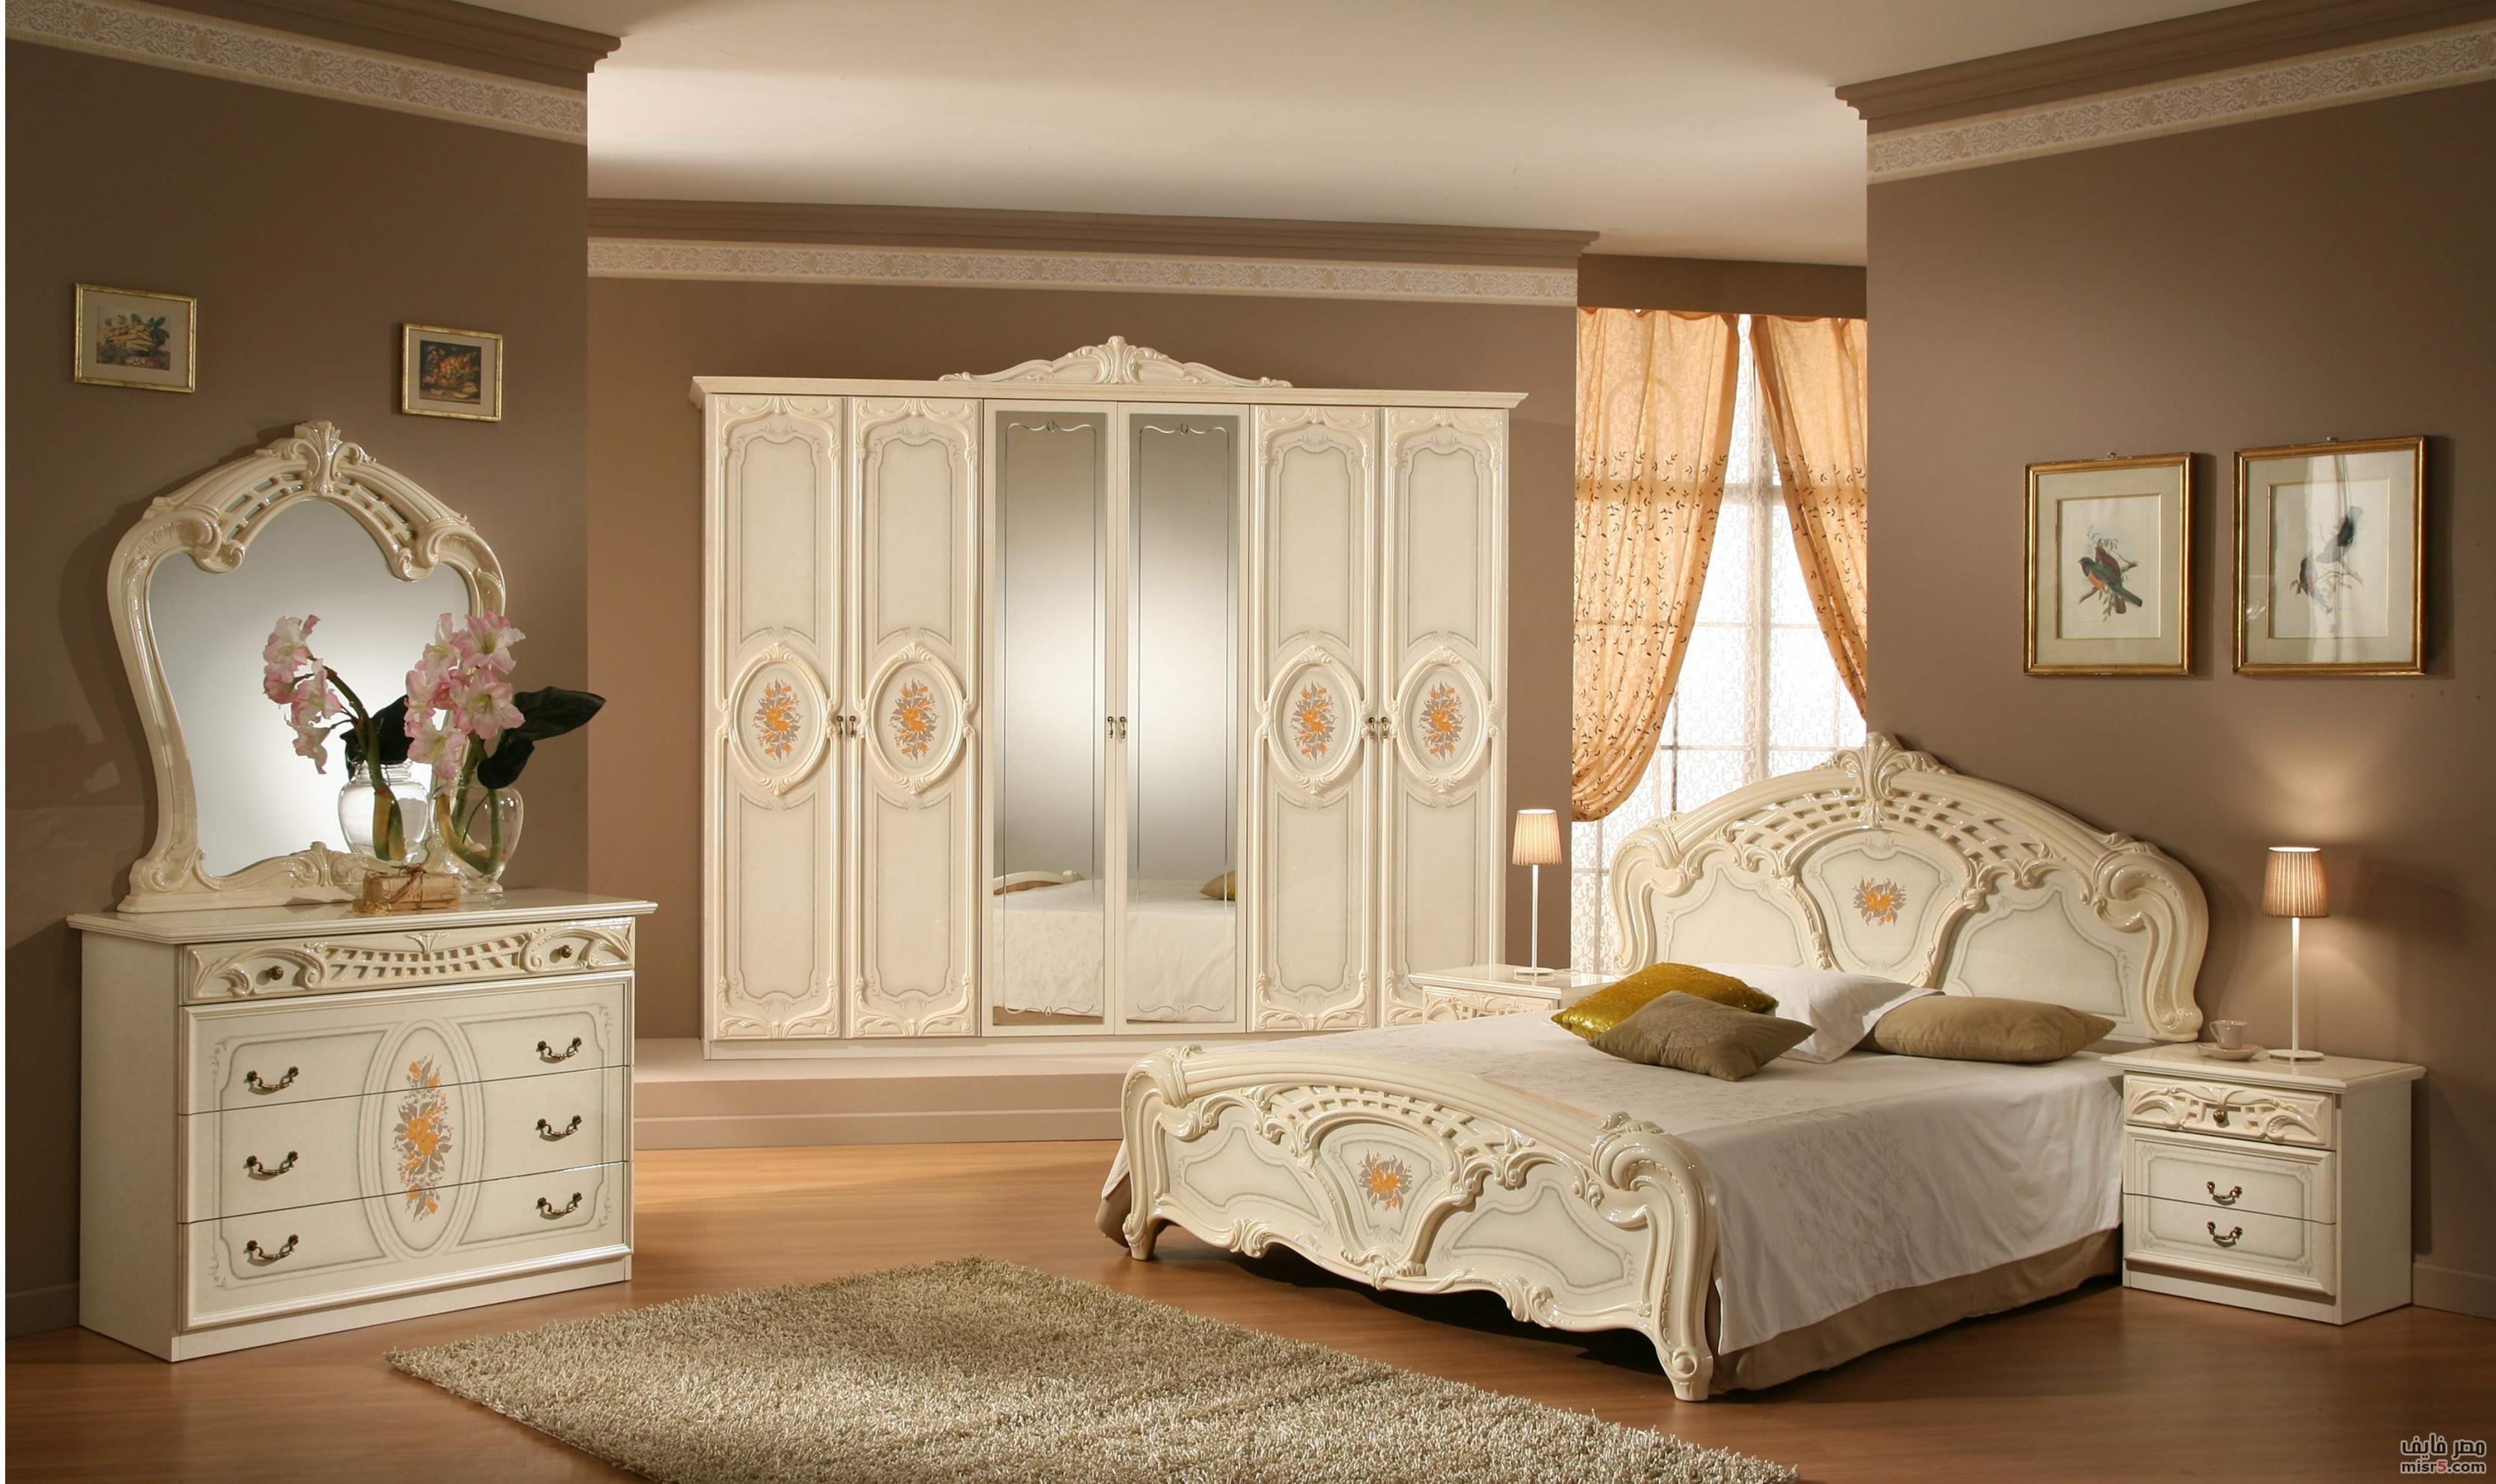 صورة غرف نوم جديده , تصميمات غرف نوم رائعه للعرائس